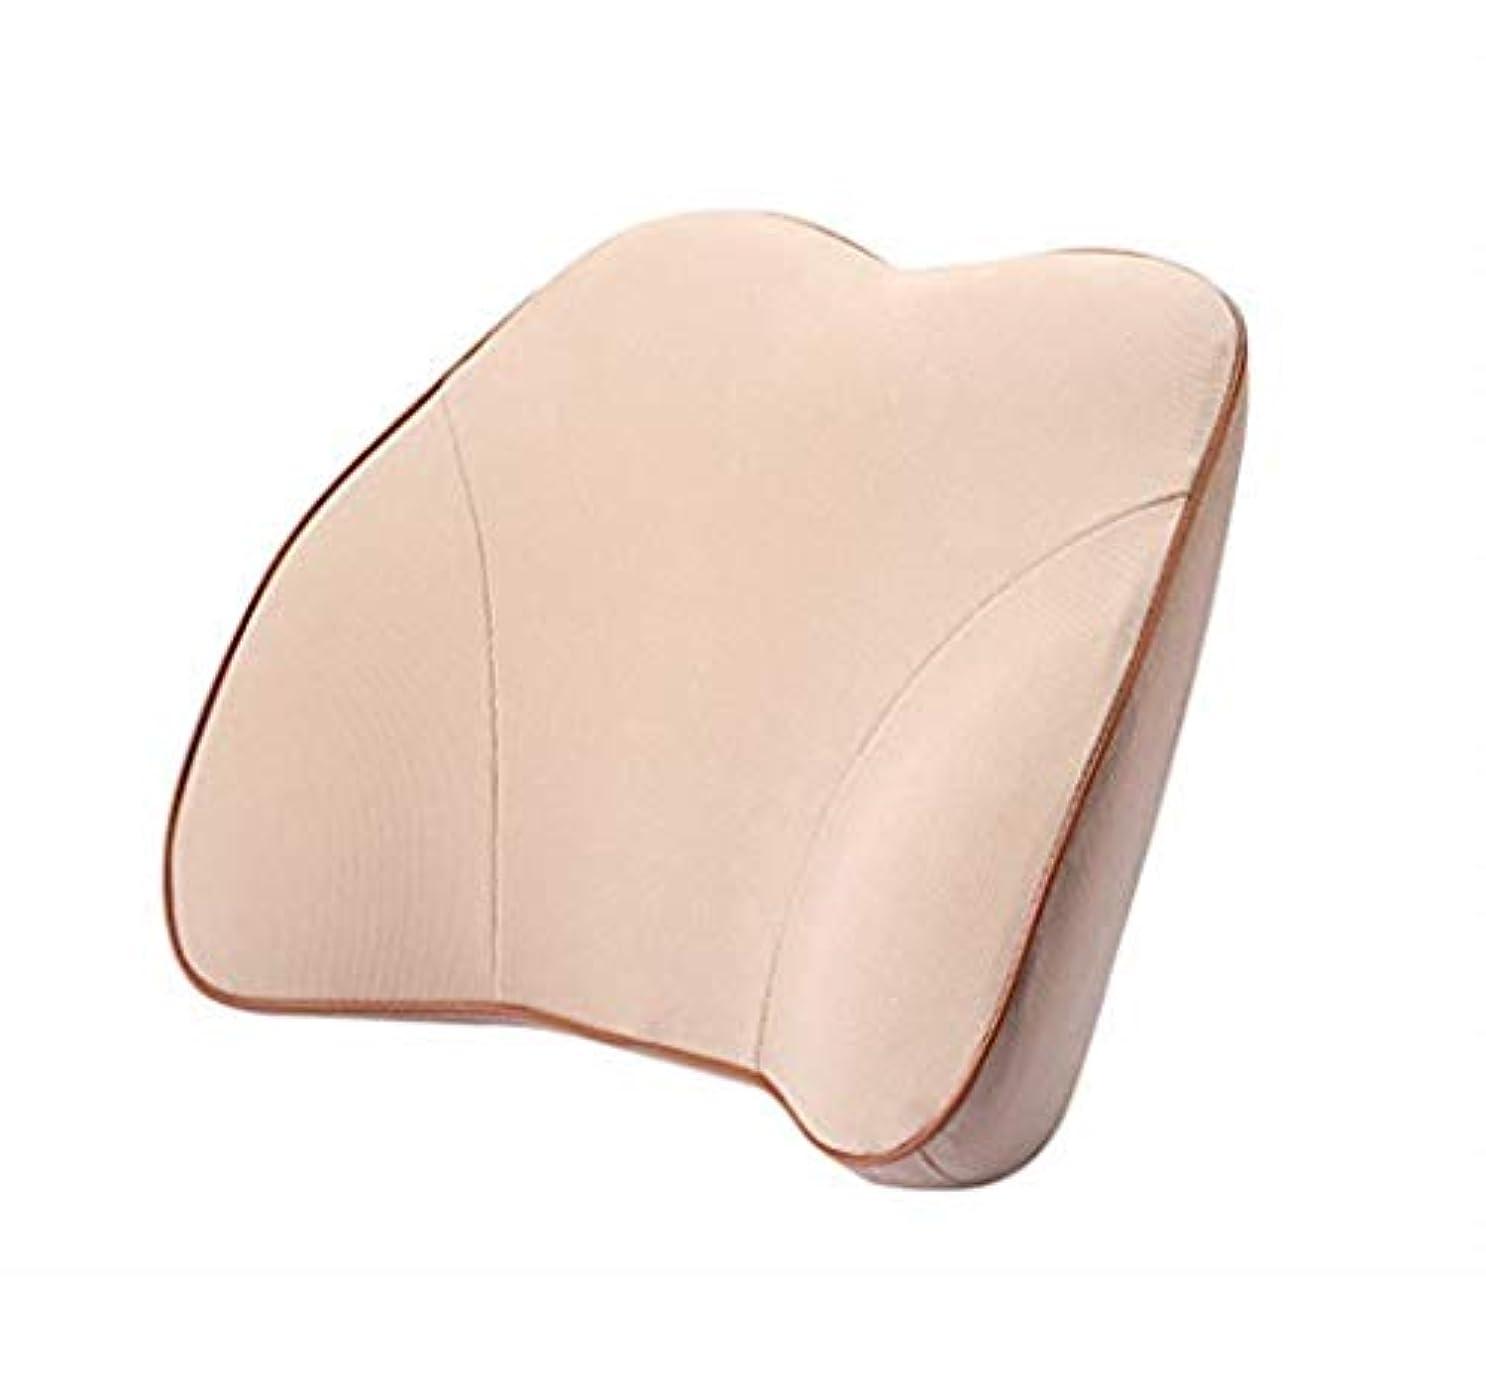 生息地火炎ダーツ腰椎枕 - 100%低反発腰椎クッション - ポータブル枕 - 整形外科ウエストサポート枕 - 車のオフィスチェア - 長距離運転オフィスに適した腰痛緩和 (Color : Beige)